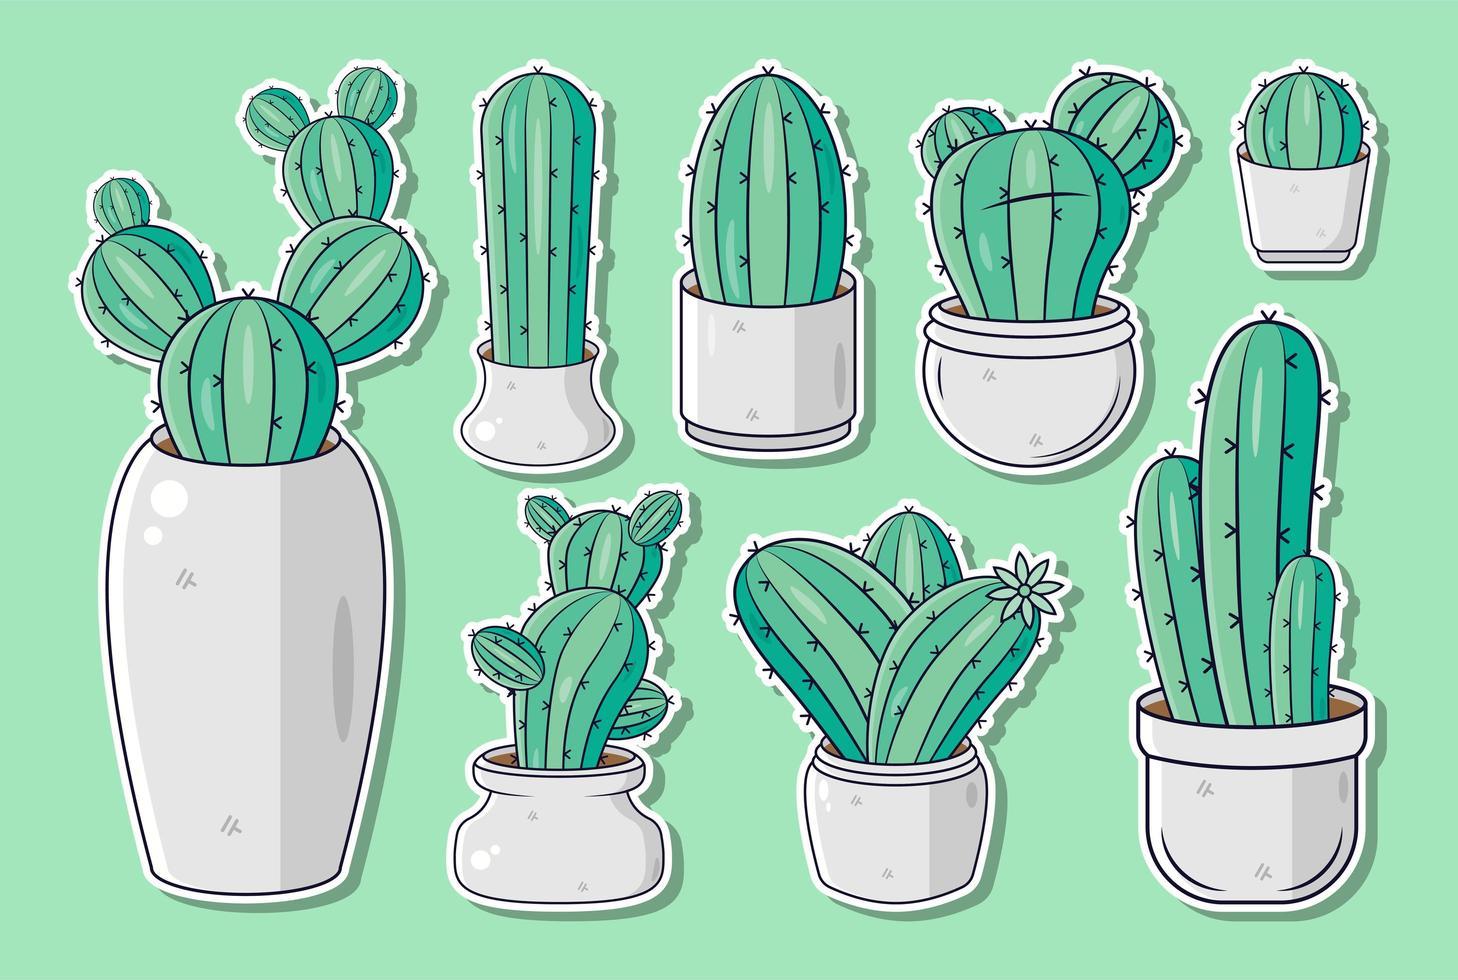 conjunto de pegatinas o etiquetas de cactus de dibujos animados lindo vector